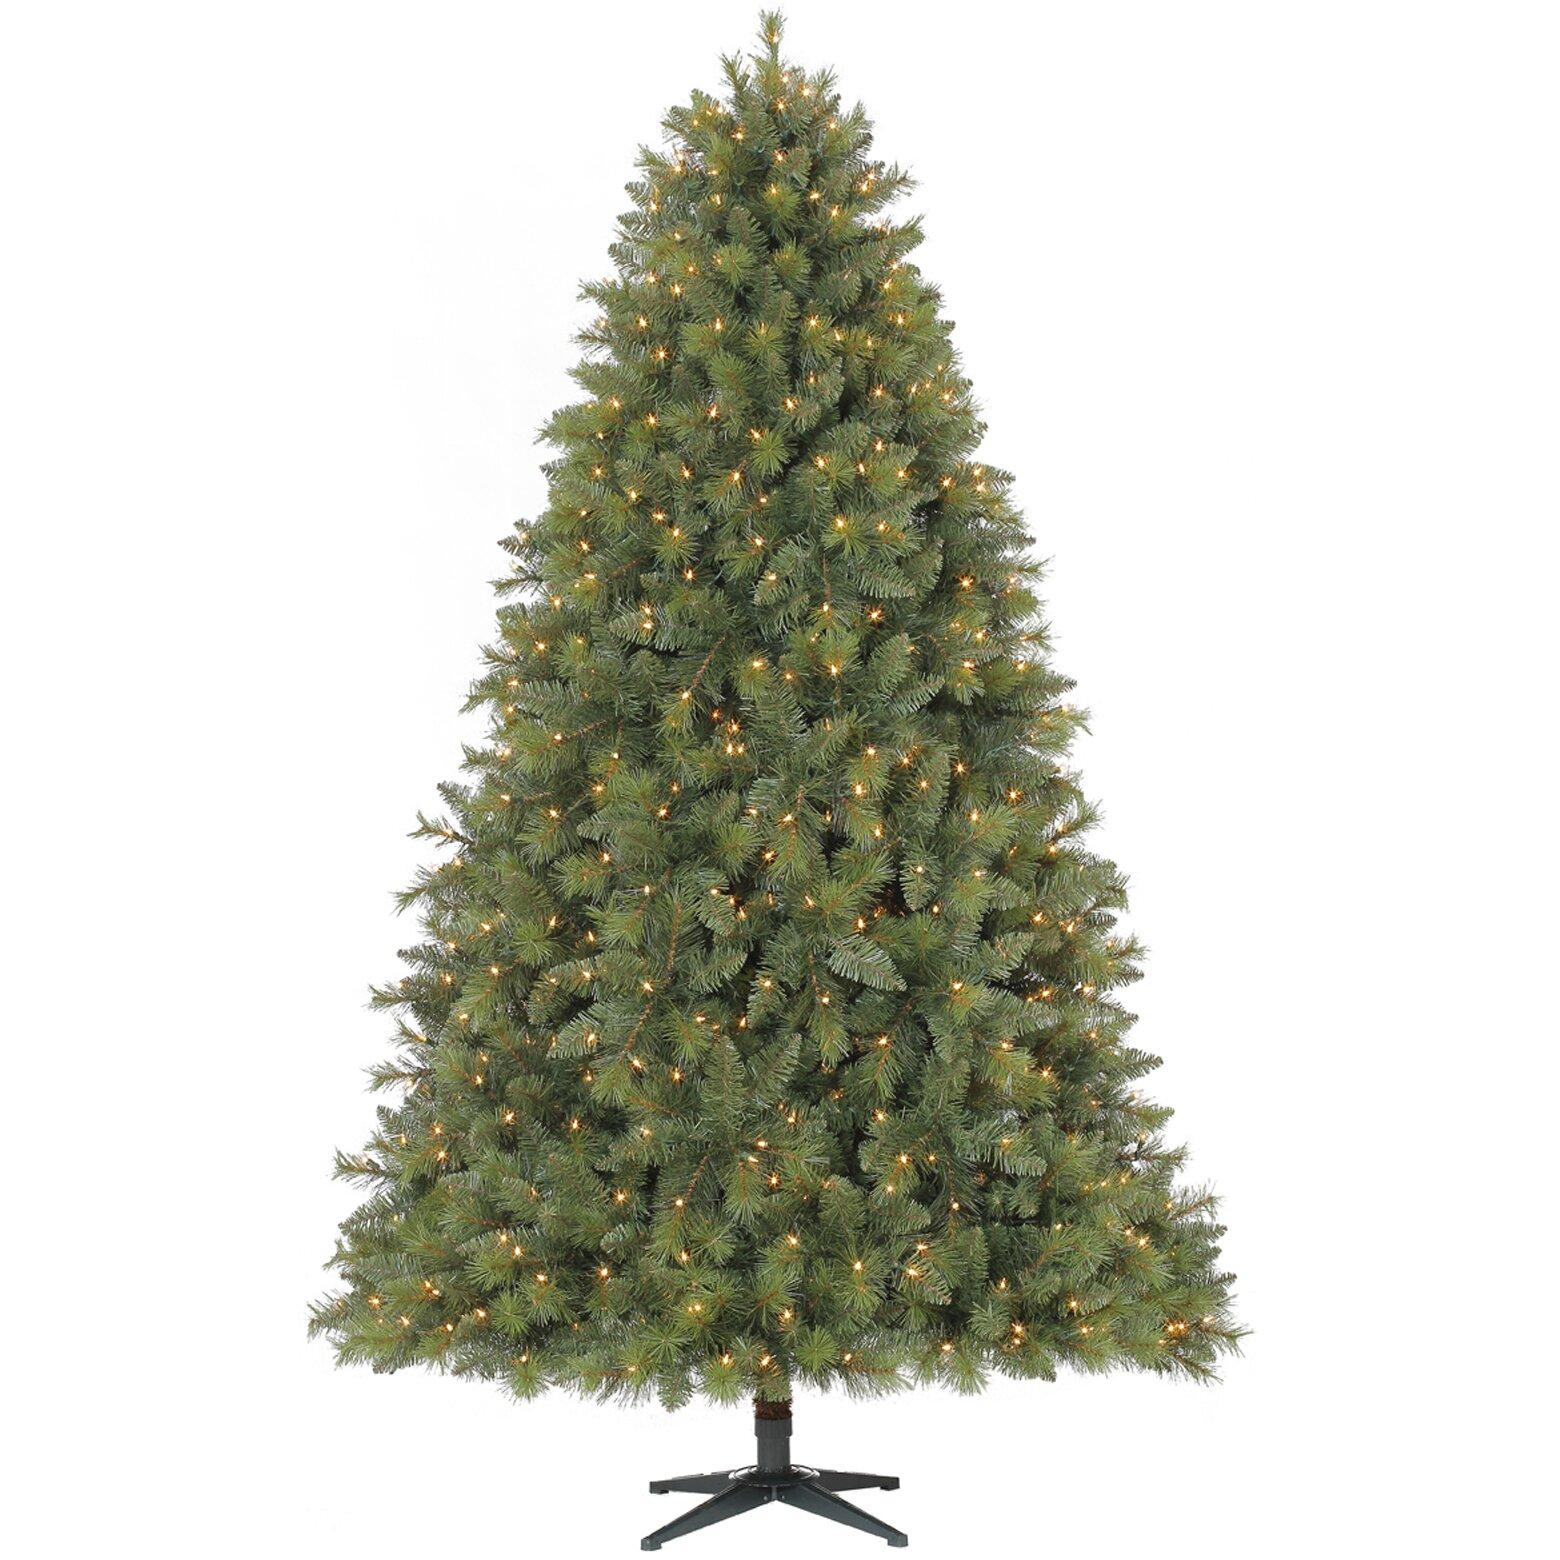 Dyno Christmas Tree Stand